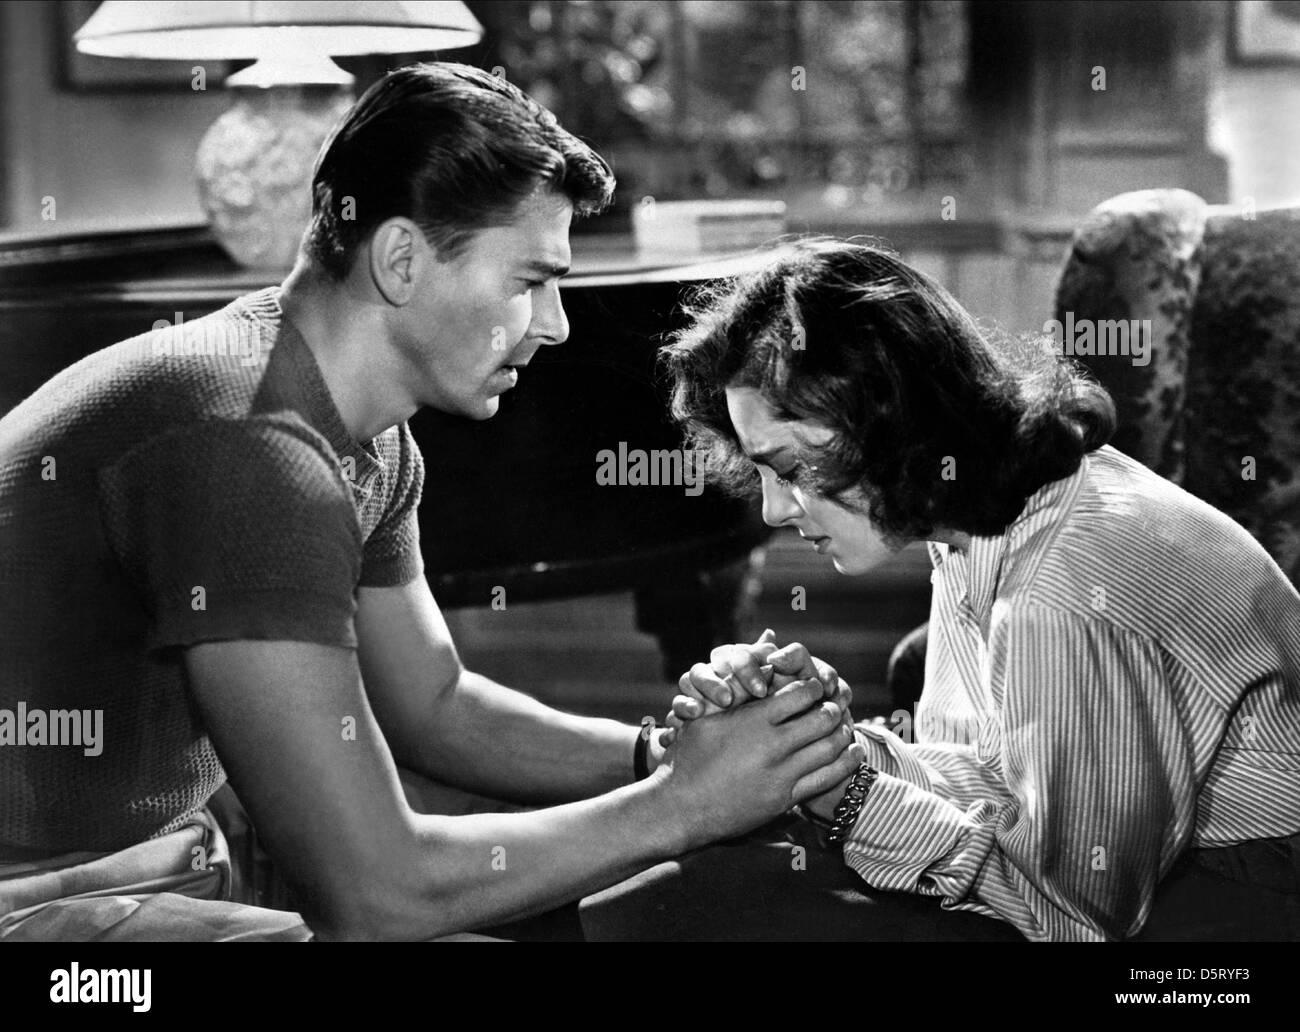 RONALD REAGAN & VIVECA LINDFORS notte alla notte (1949) Immagini Stock